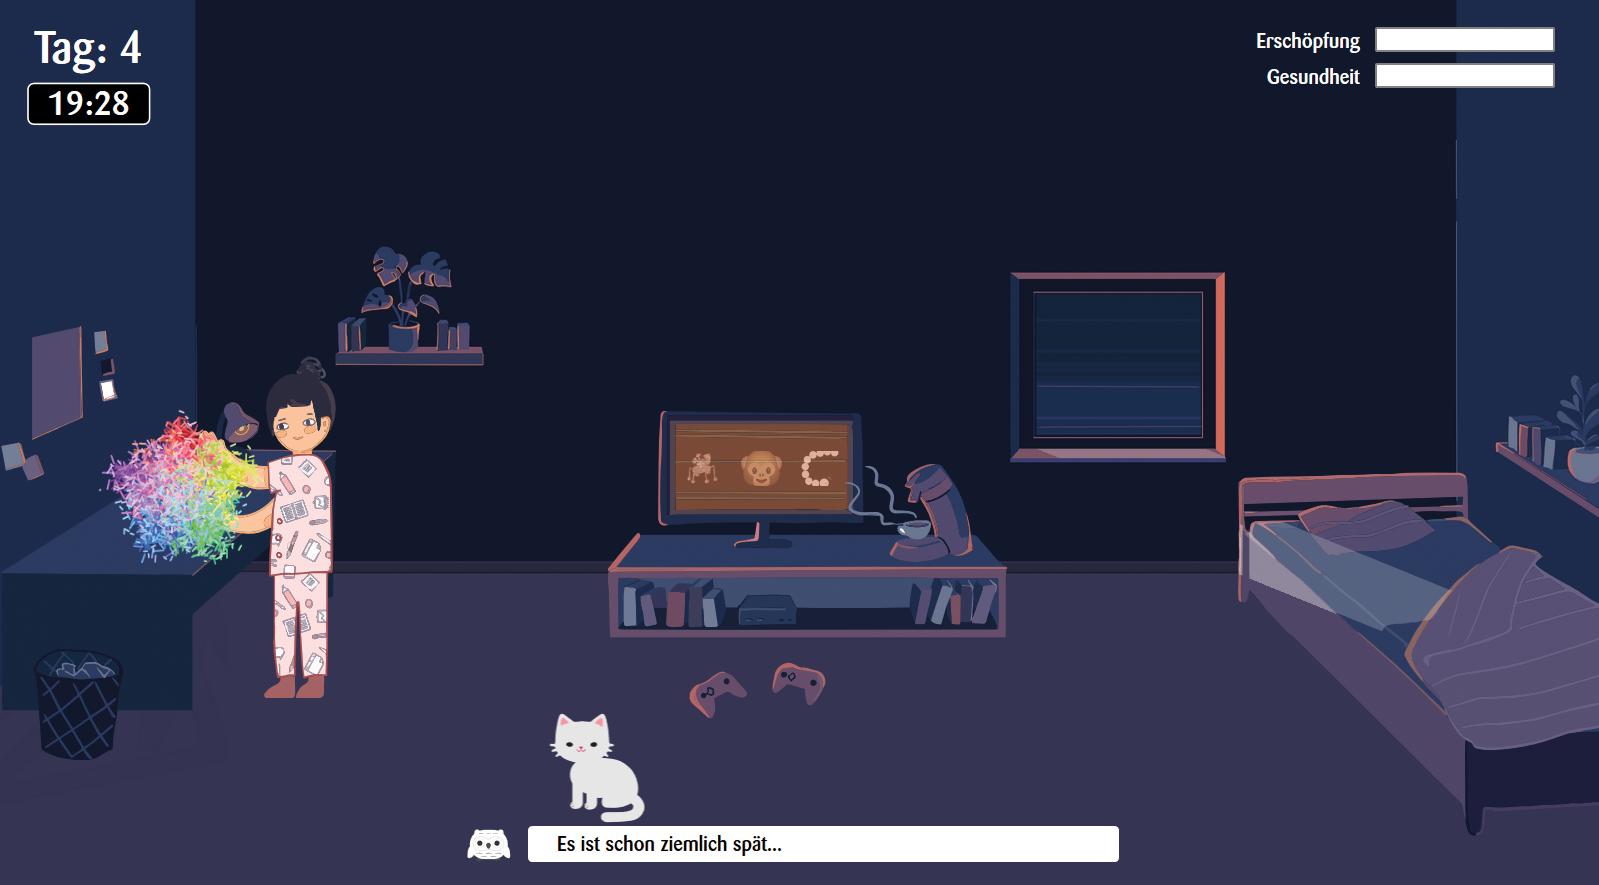 Das ist der Haupt Screen der Simulation, auf dem der Nutzer drei Tage des Charakters durchspielt.